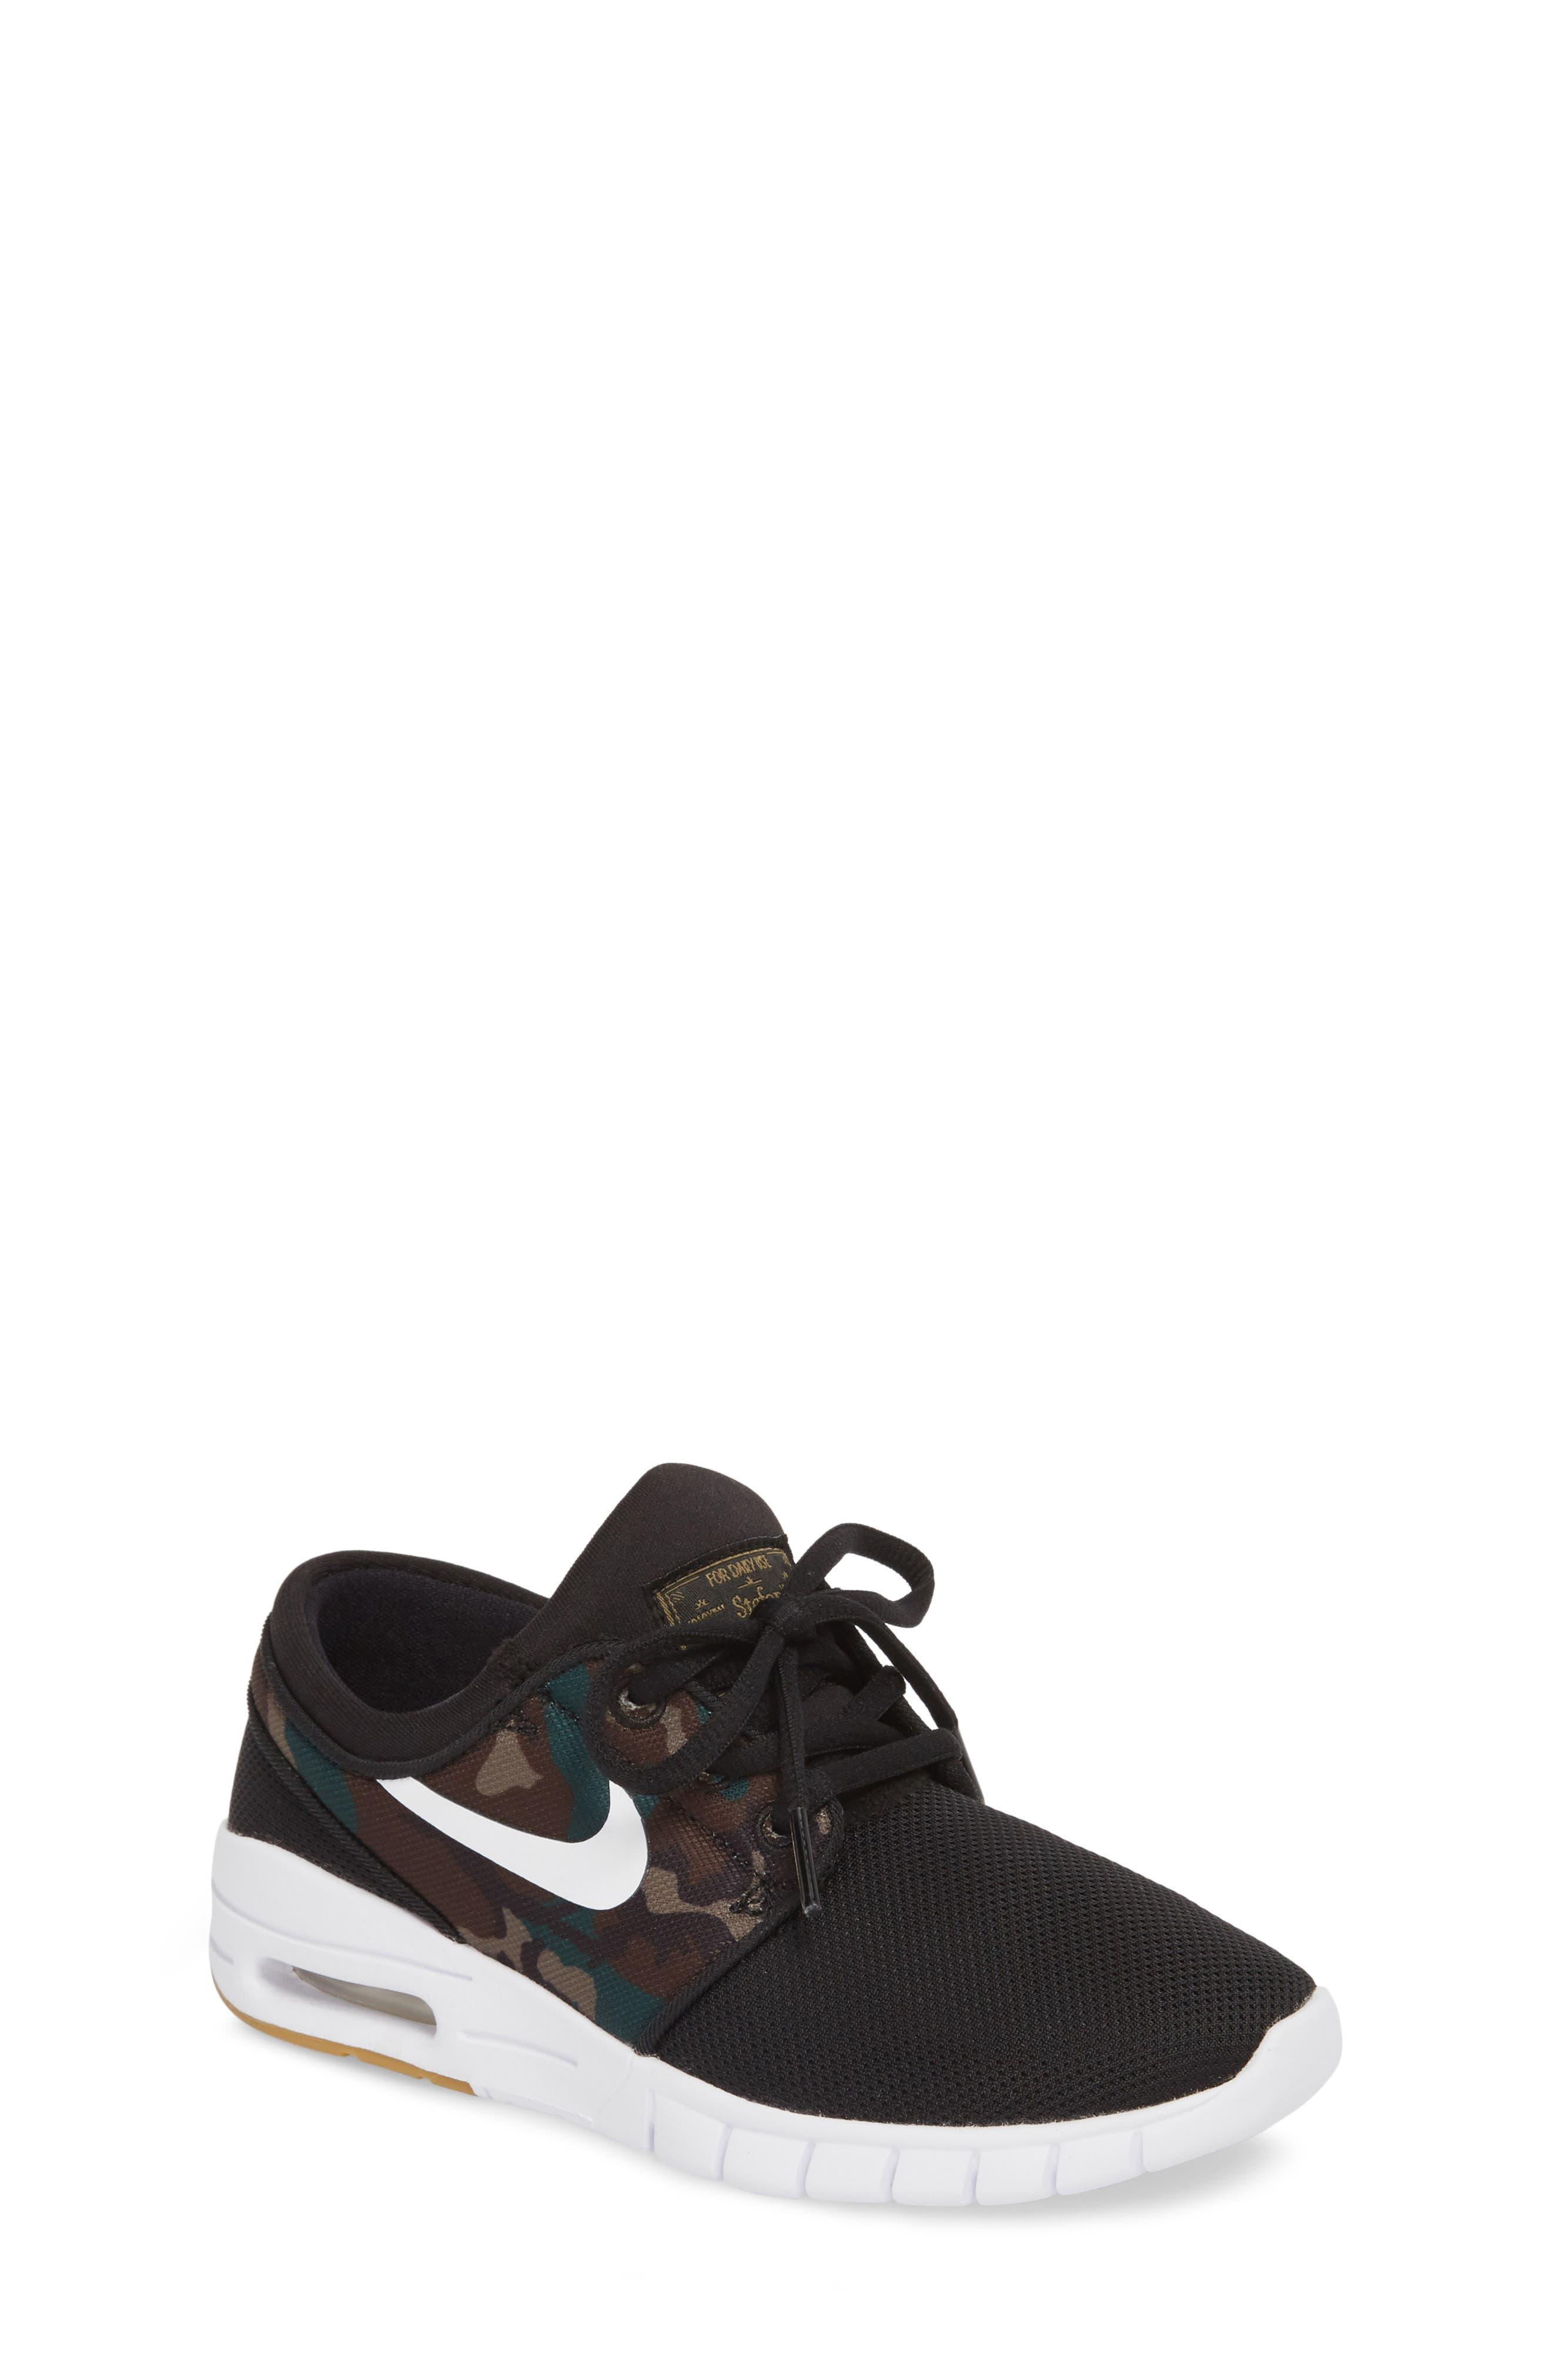 Stefan Janoski Max SB Skate Sneaker,                         Main,                         color, Black/ White/ Olive/ Brown